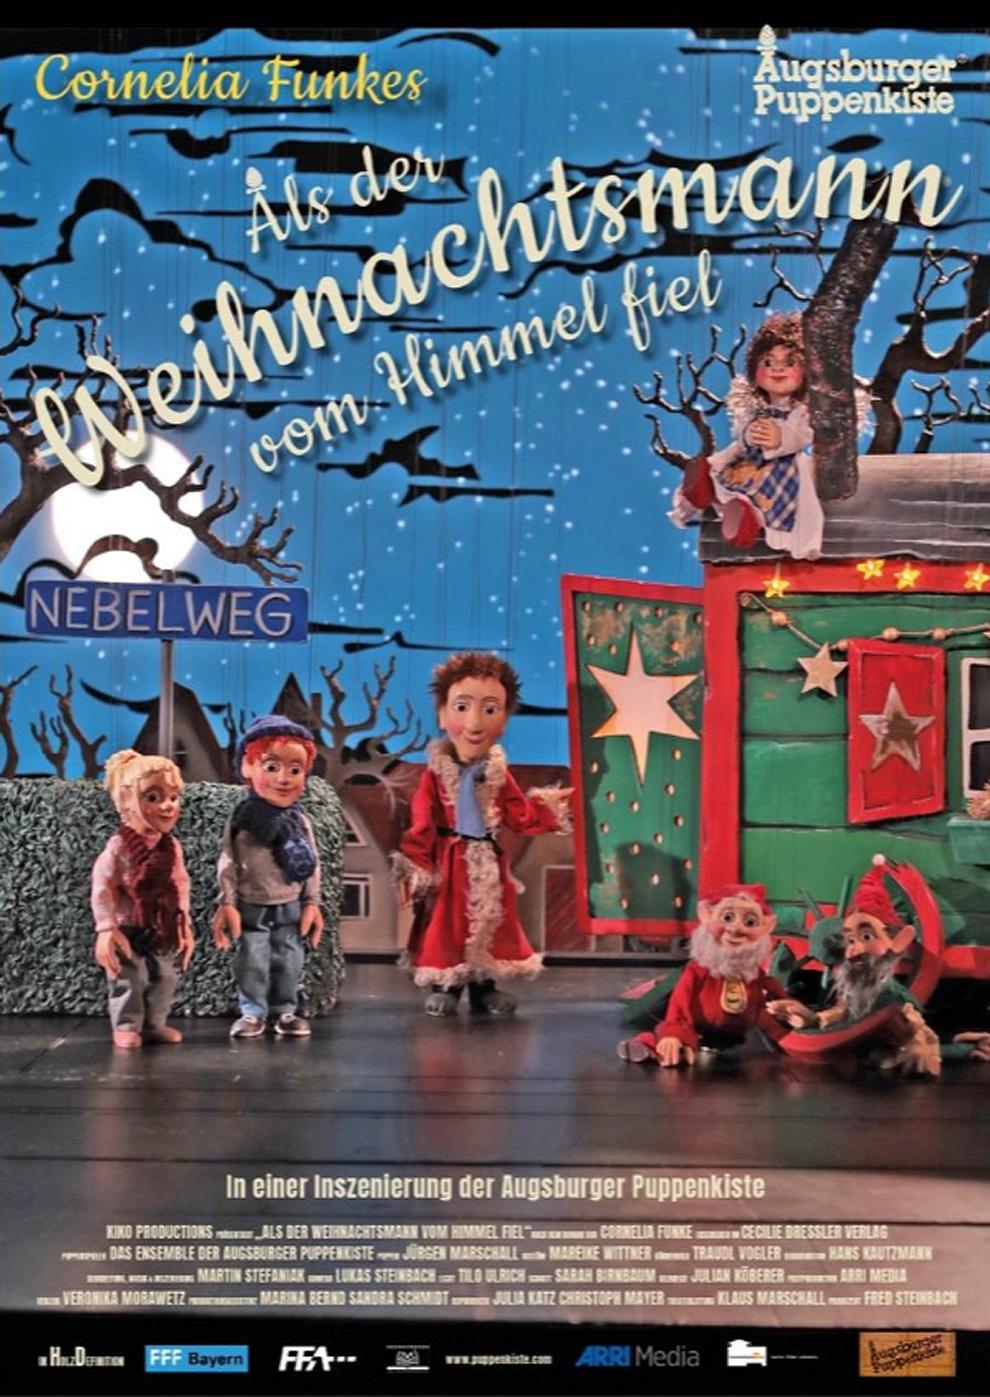 Als der Weihnachtsmann vom Himmel fiel - Augsburger Puppenkiste (Poster)